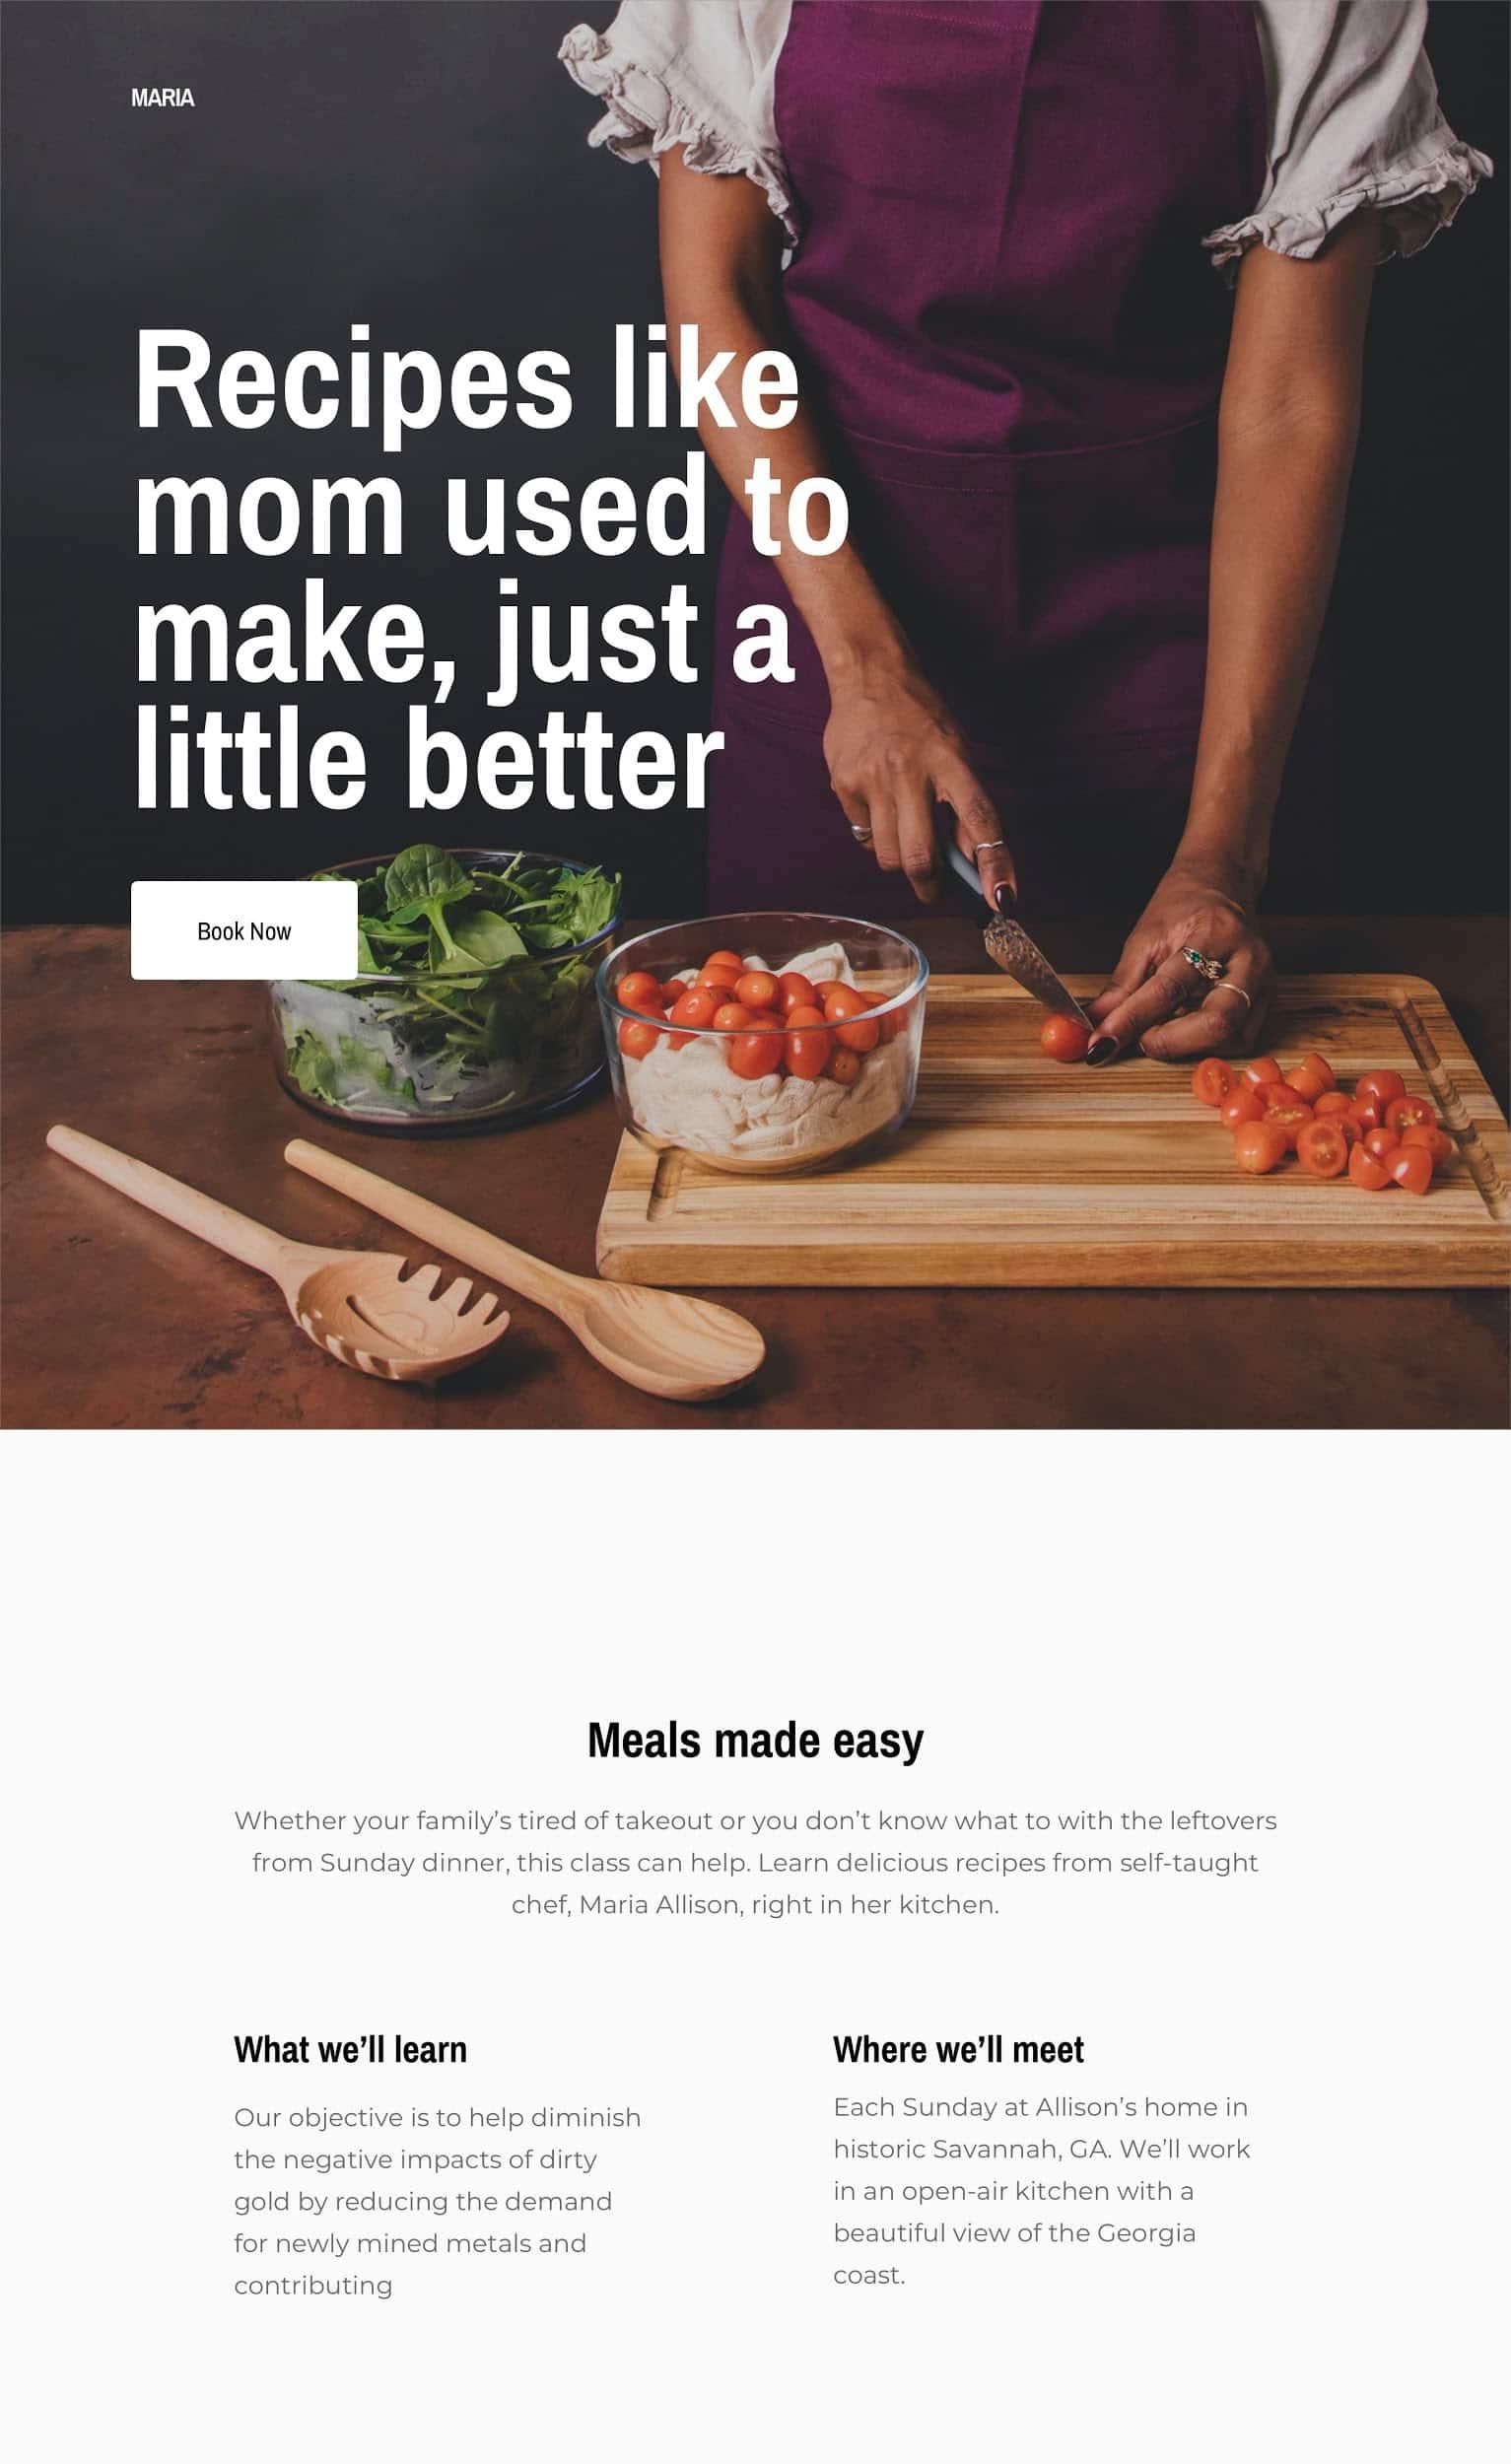 5 Best Mailchimp Landing Page Templates-image3